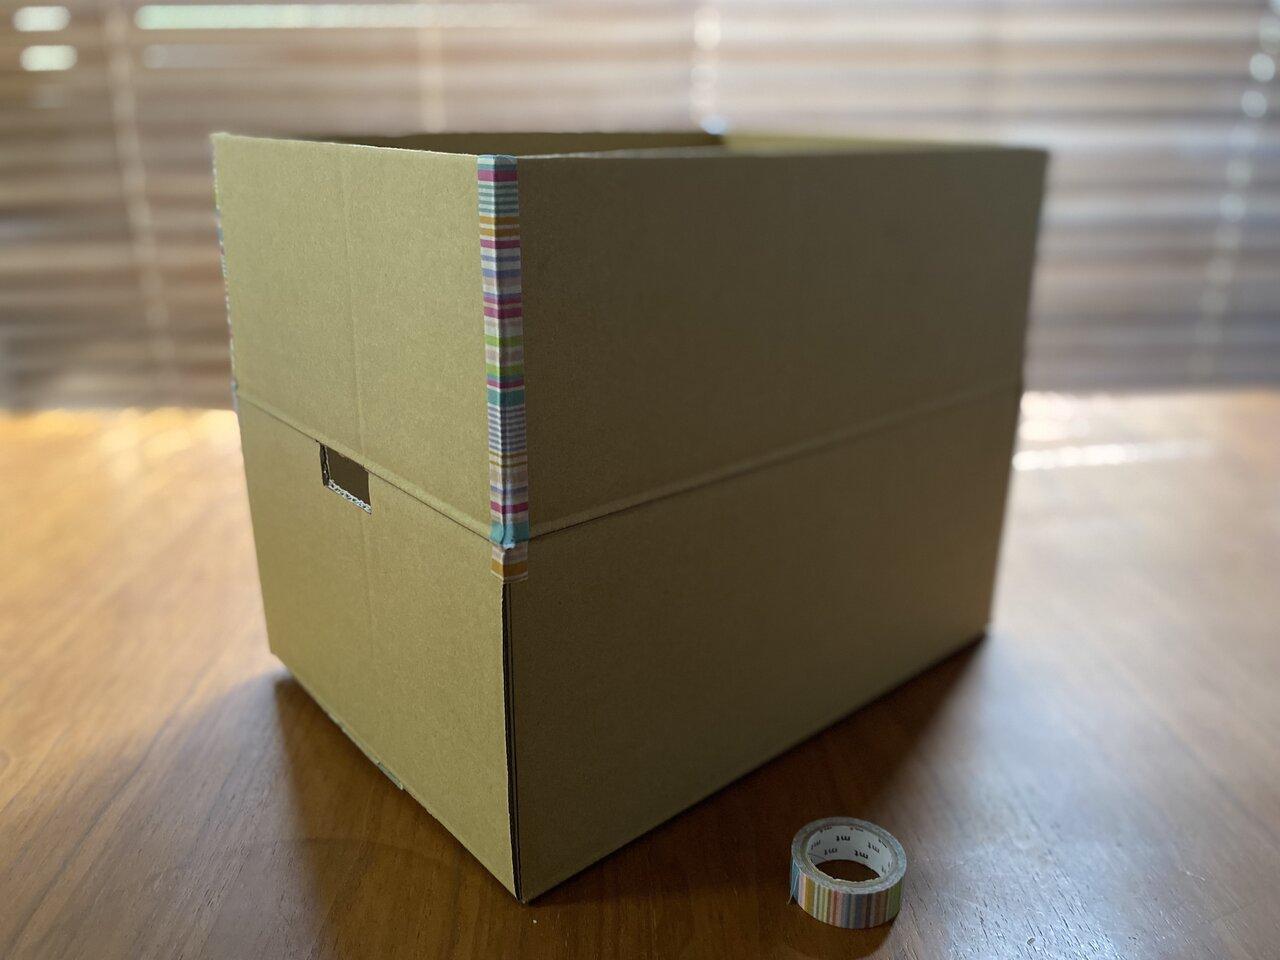 ふた部分もテープで貼り合わせて、なるべく箱を深くすると、よけいな光が入りにくくなる。撮影:Yuchi